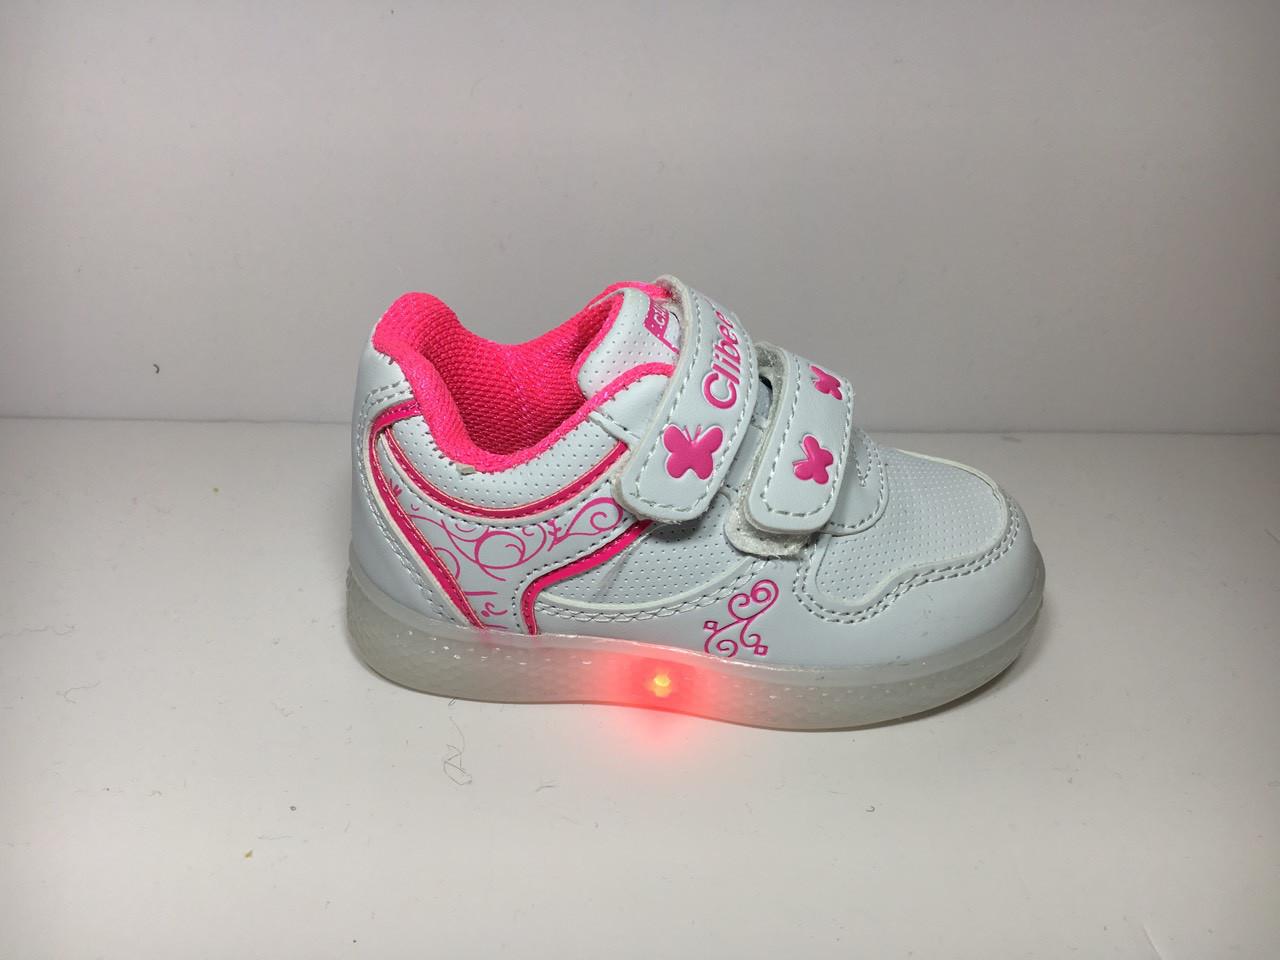 83d99ca2 Детские кроссовки Clibee Польша (светодиоды) , размеры 21-26 - Детская  одежда и